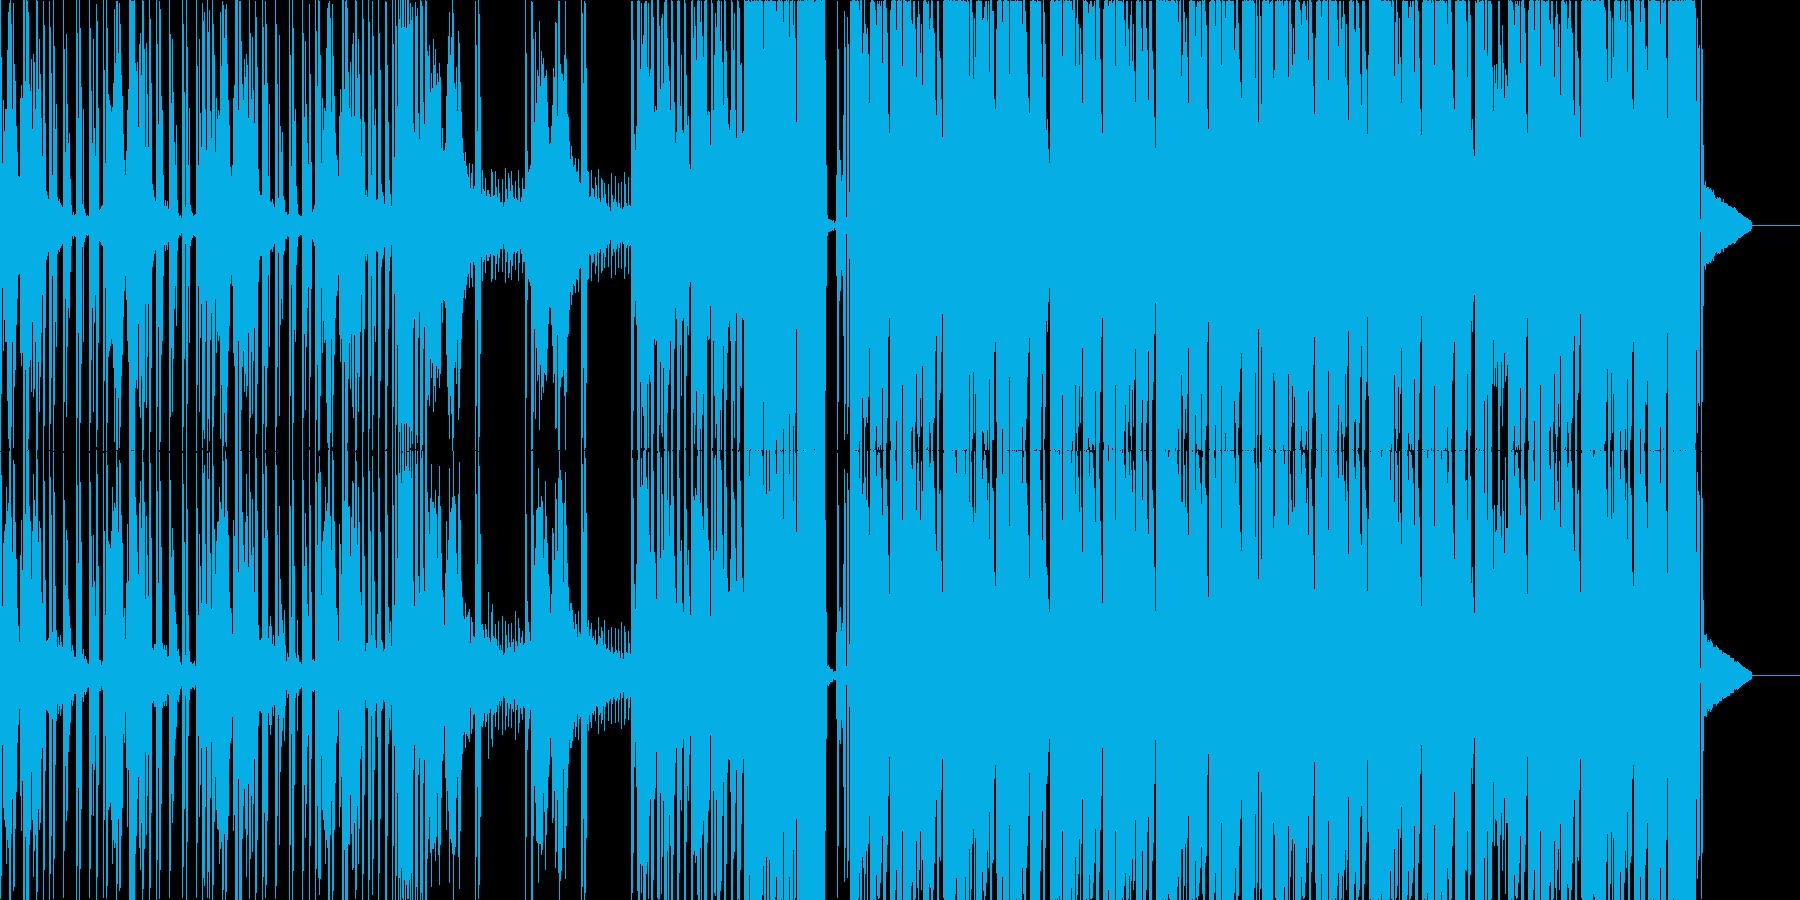 怖めなダーク・ダブステップの再生済みの波形